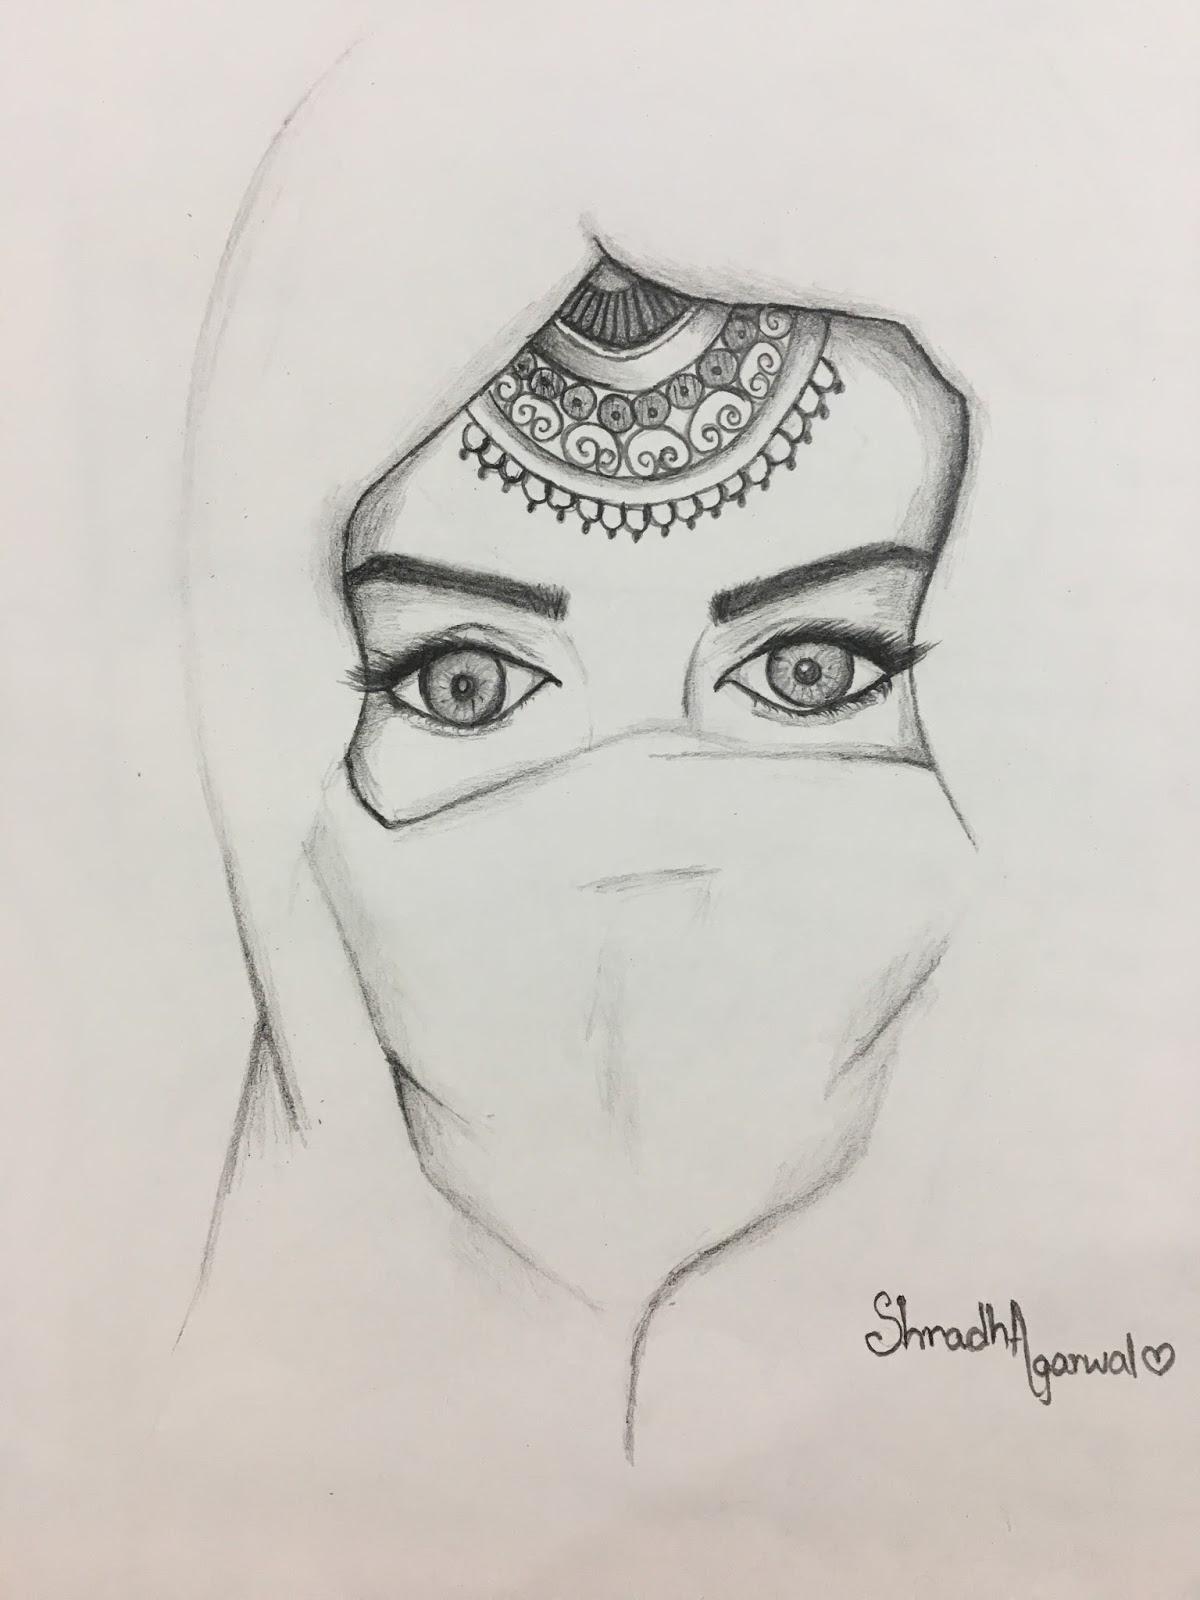 Woman Pencil Sketch : woman, pencil, sketch, Woman, 'glittering', Eyes,, Wearing, 'Hijab':, Pencil, Sketch